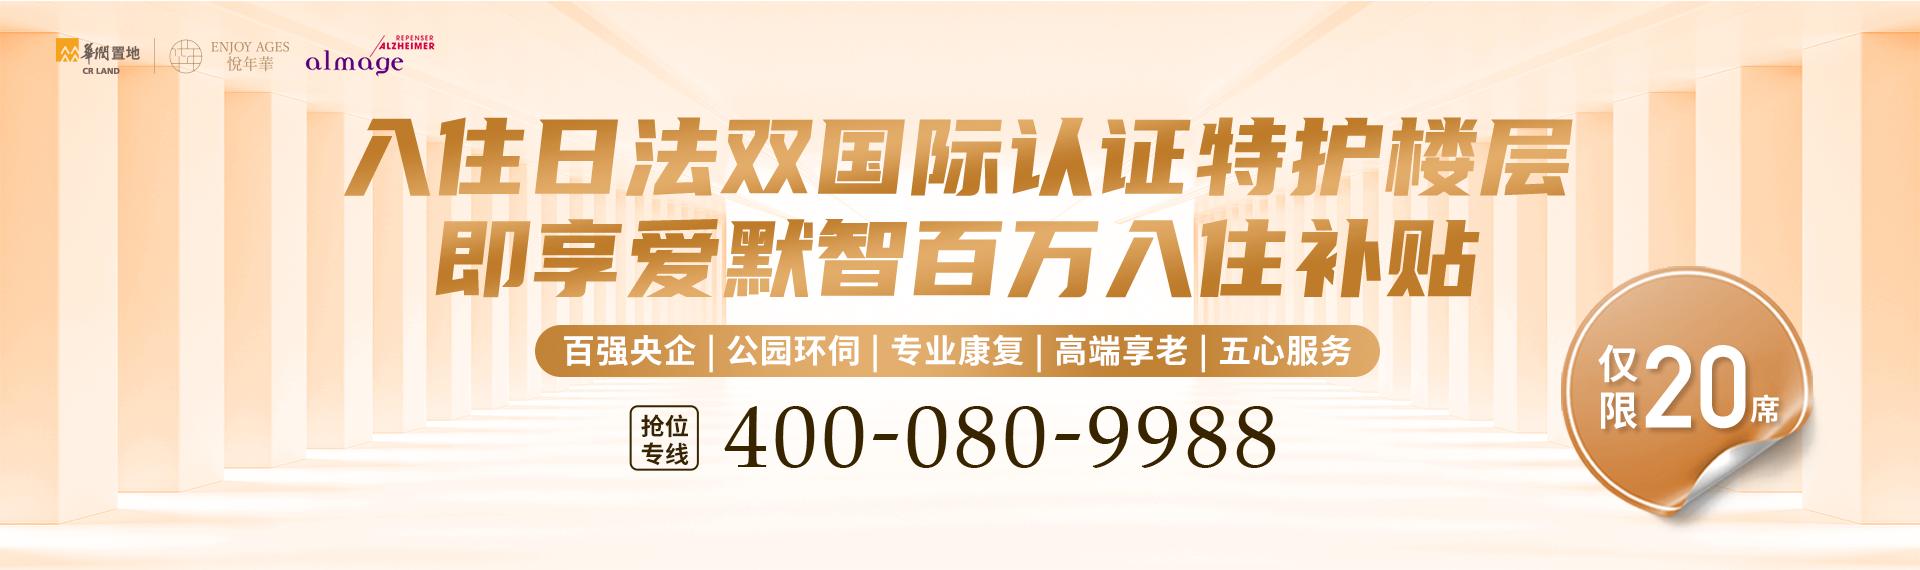 华润banner